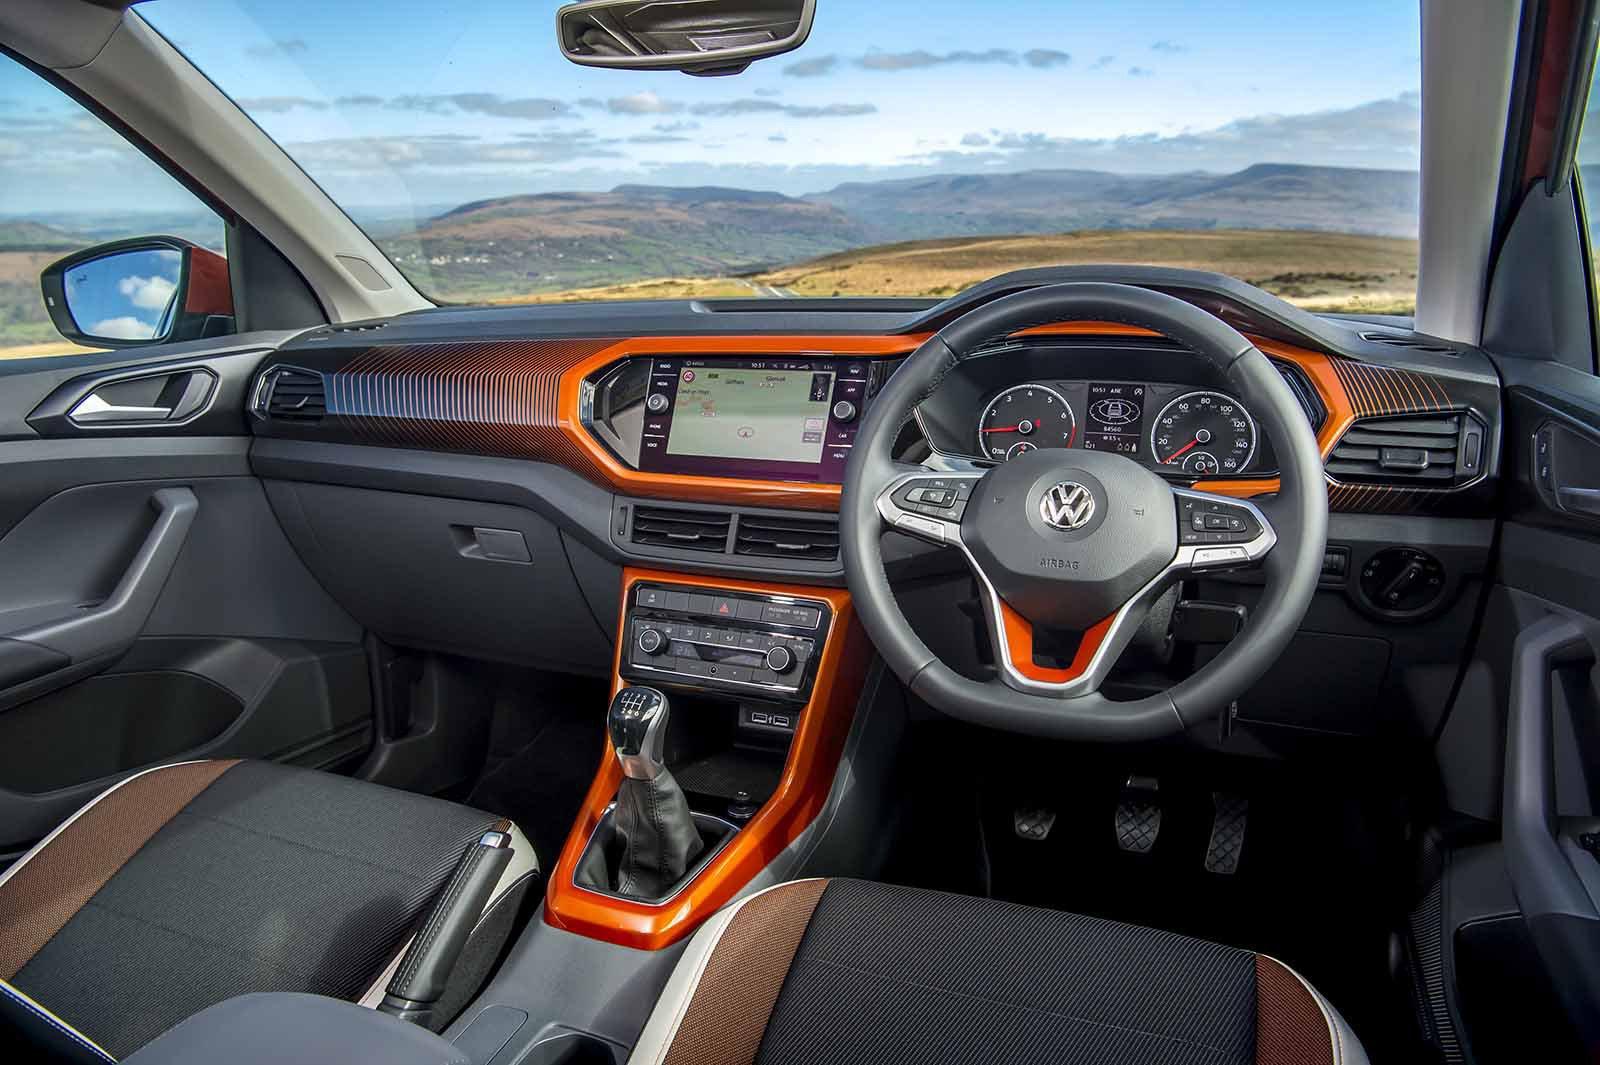 Volkswagen T-Cross 1.0 TSI 95 SE - interior